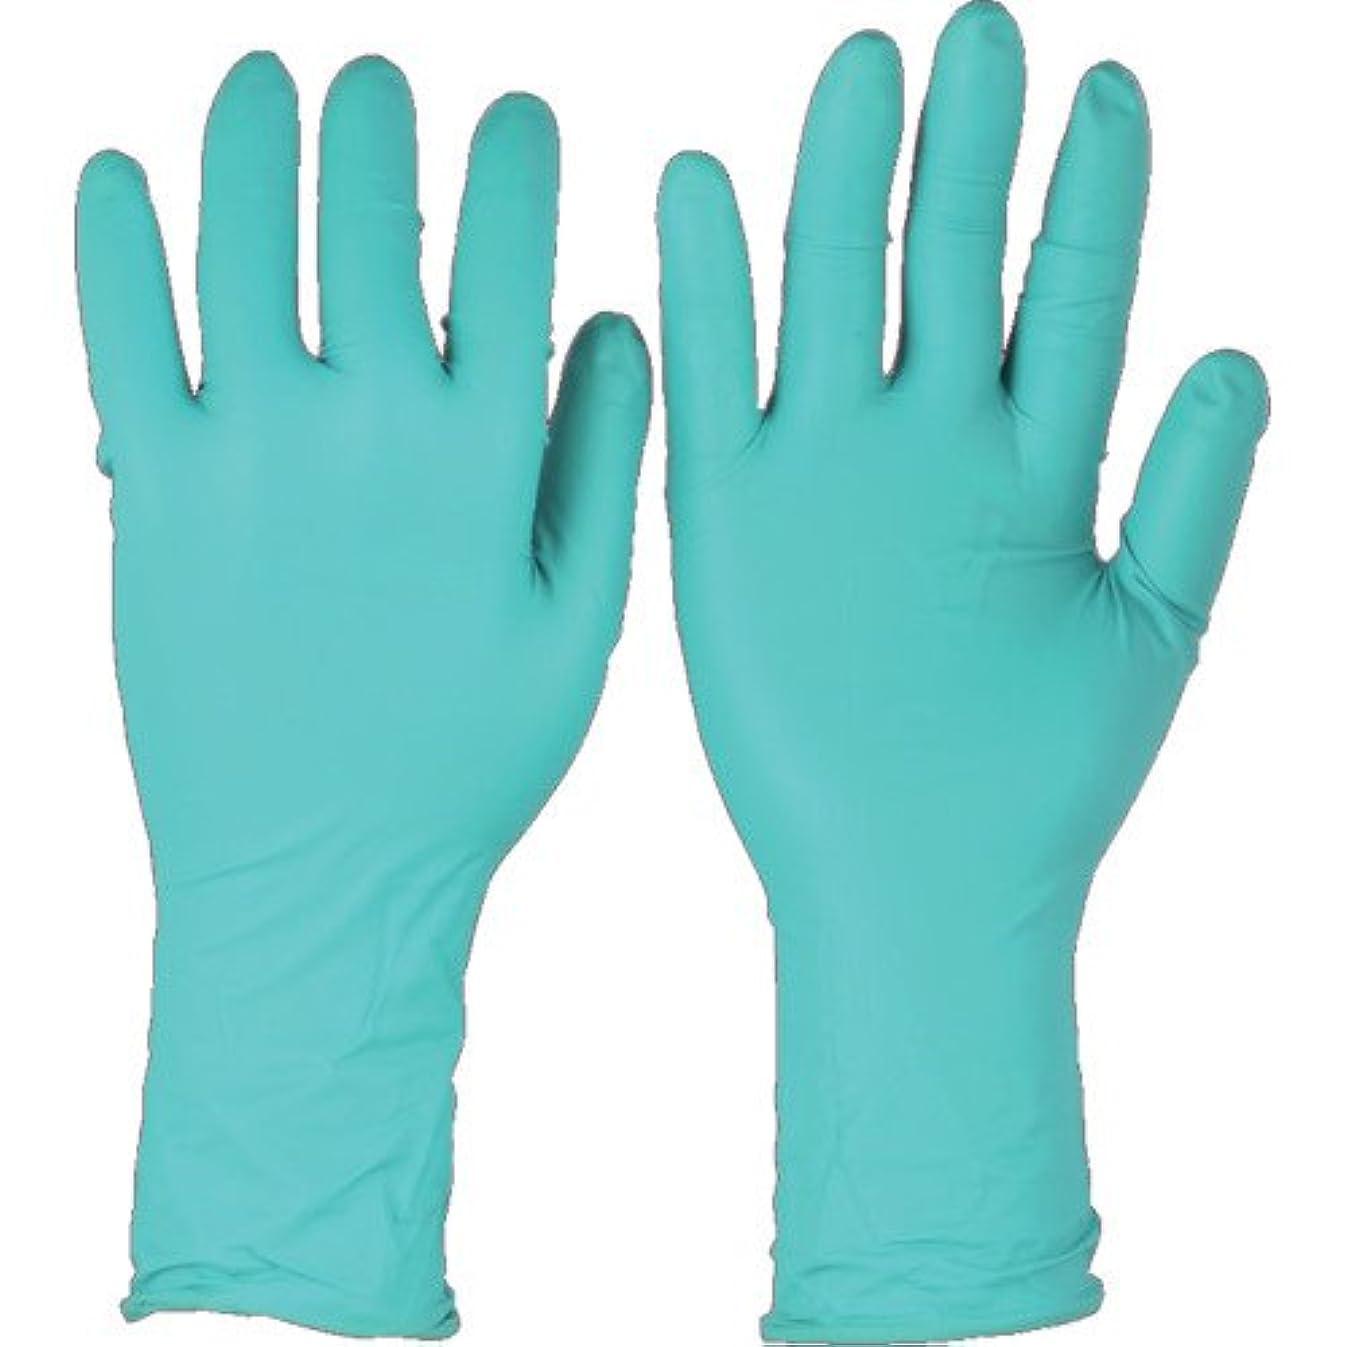 十億有名彼トラスコ中山 アンセル ネオプレンゴム使い捨て手袋 マイクロフレックス 93-260 XXLサイズ (50枚入)  9326011